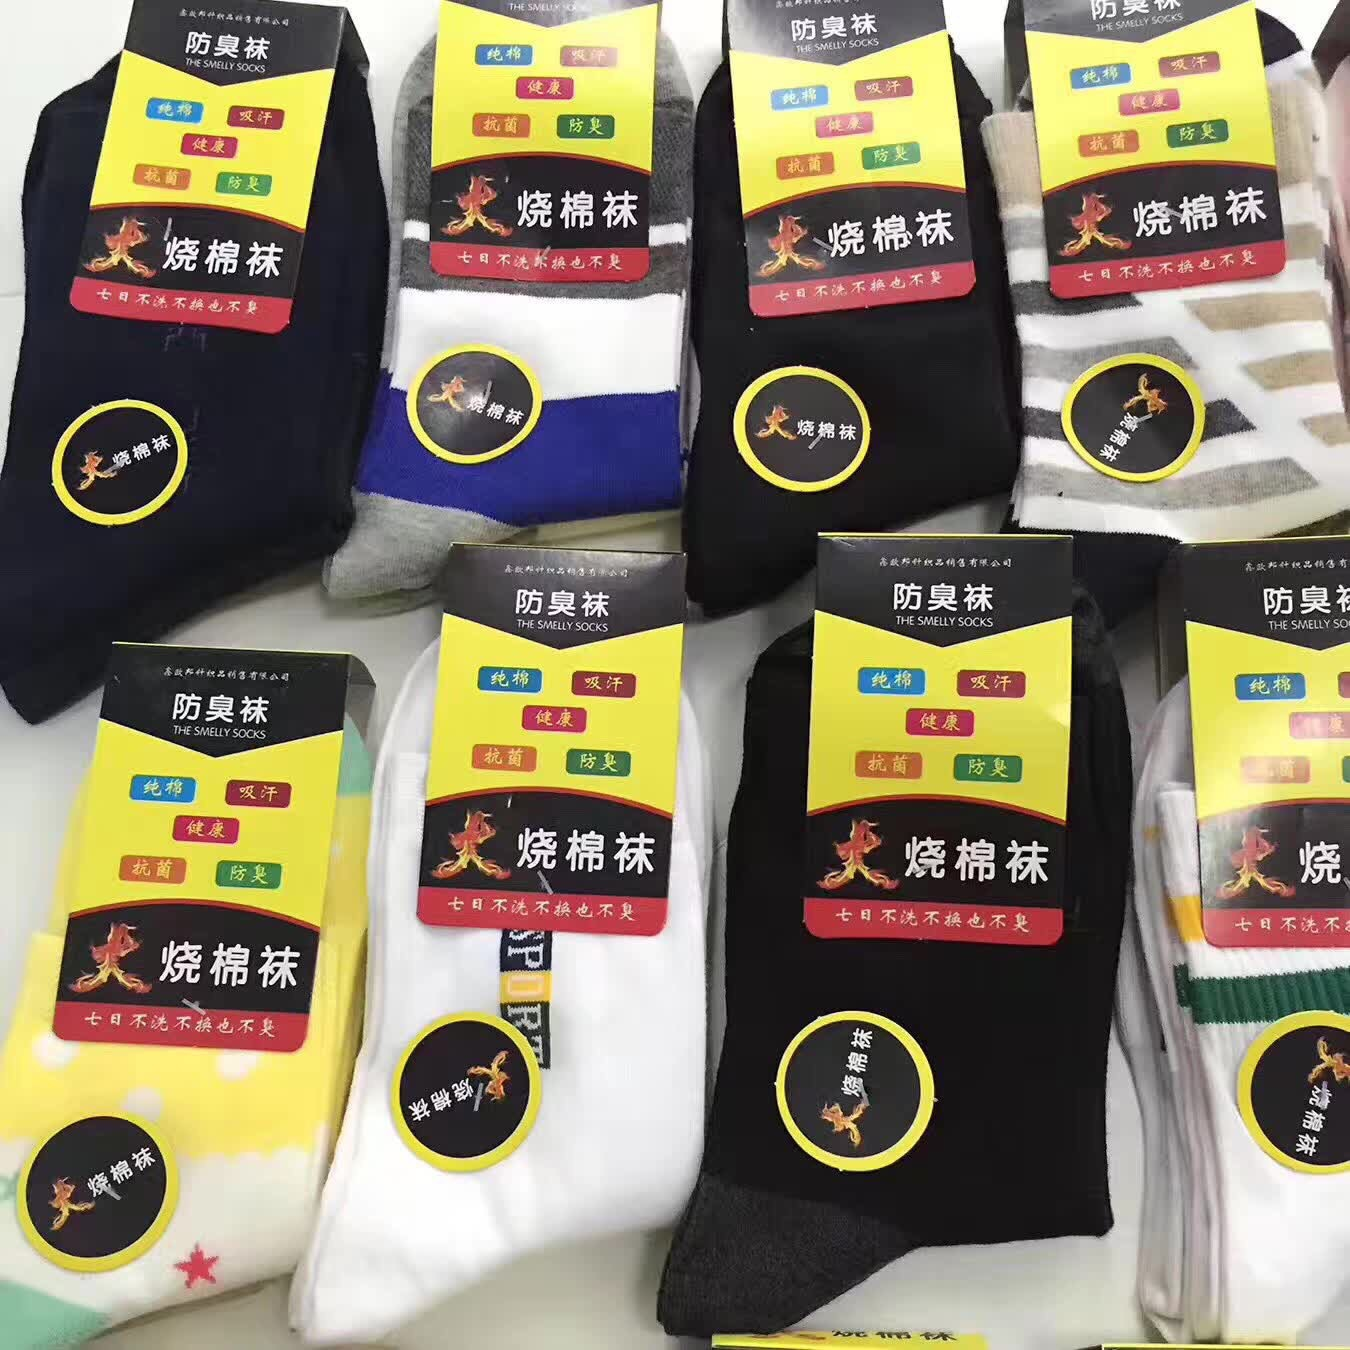 10元四双模式火烧棉袜子江湖地摊暴利产品供应商